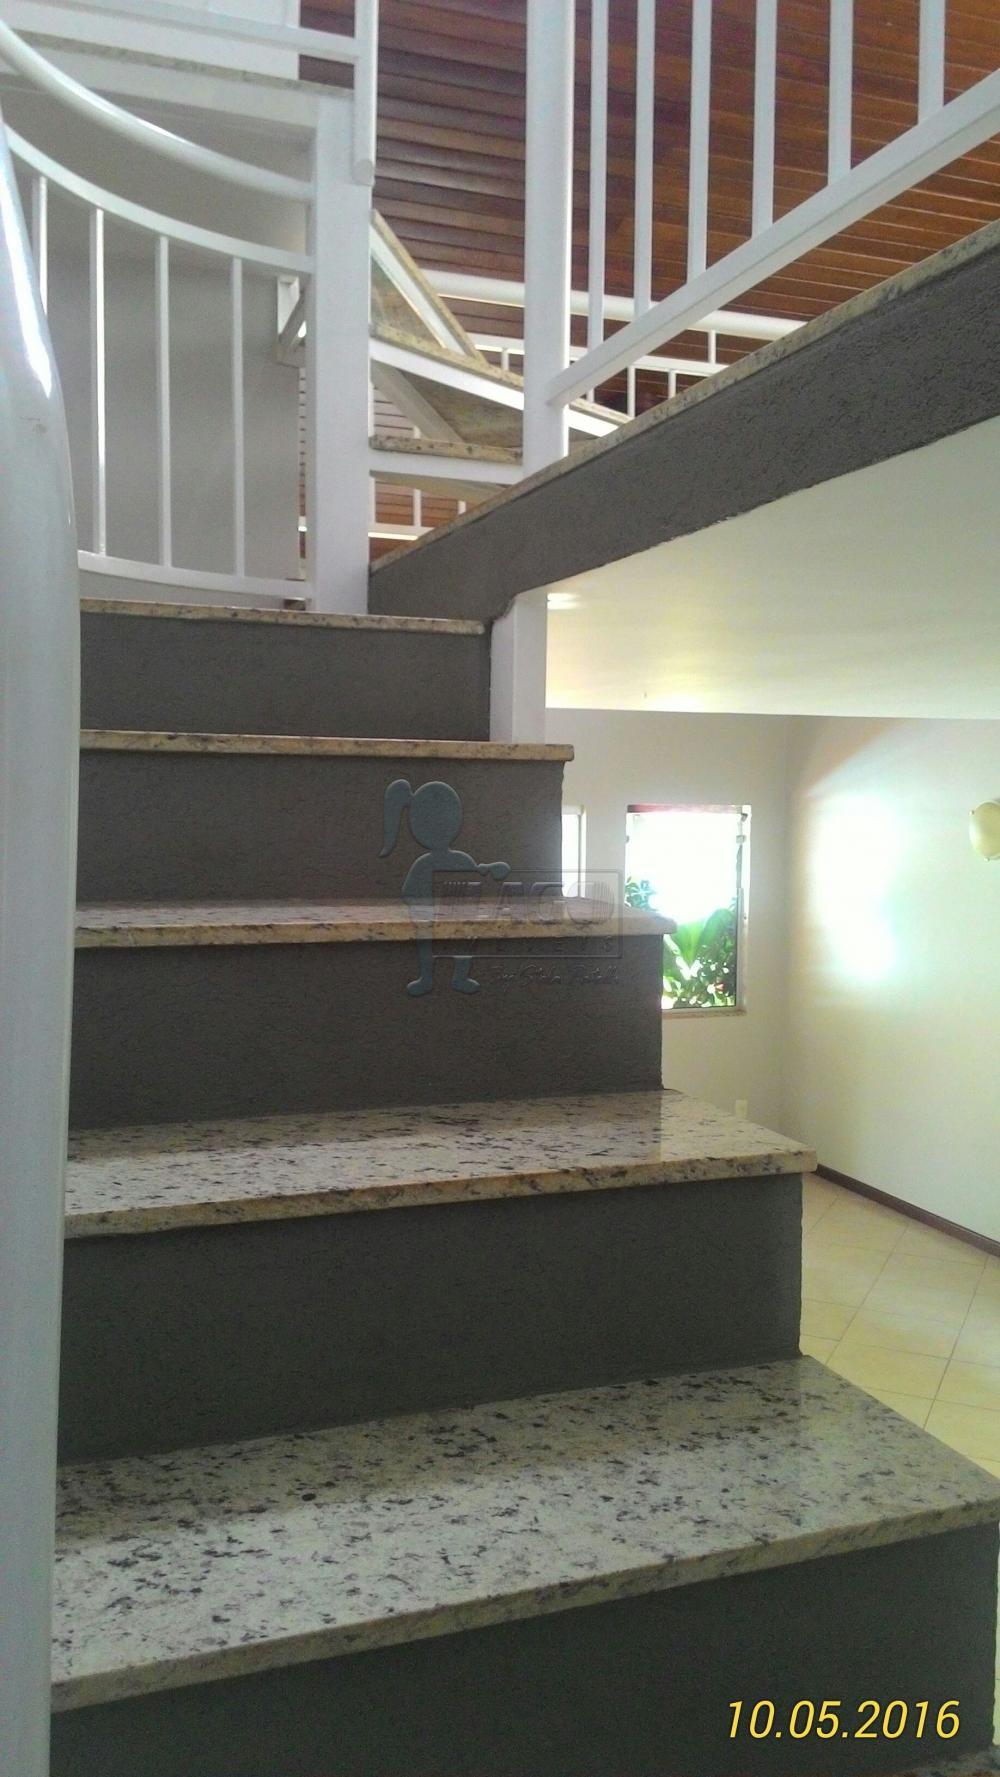 Alugar Casas / Condomínio em Bonfim Paulista apenas R$ 3.800,00 - Foto 17